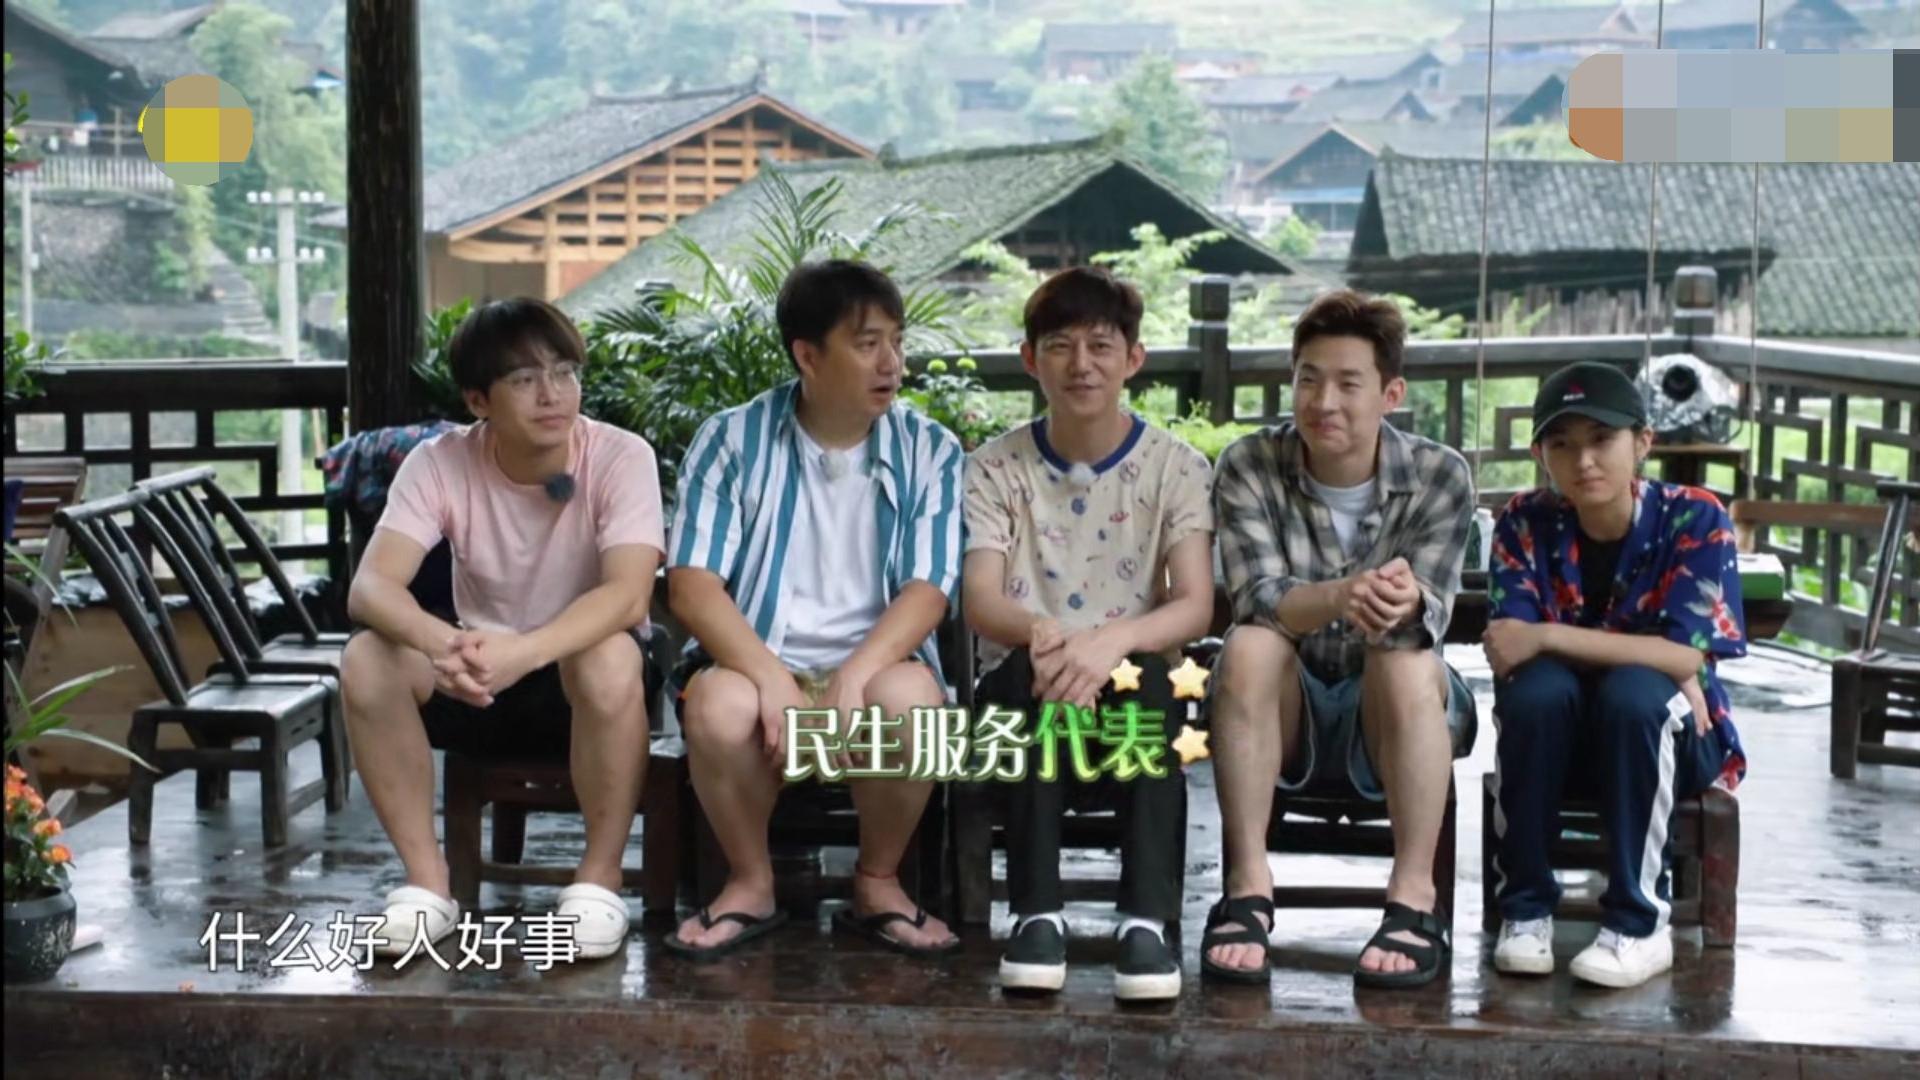 导演问大家下一季想邀请谁, 黄磊回答太真实  向往的生活